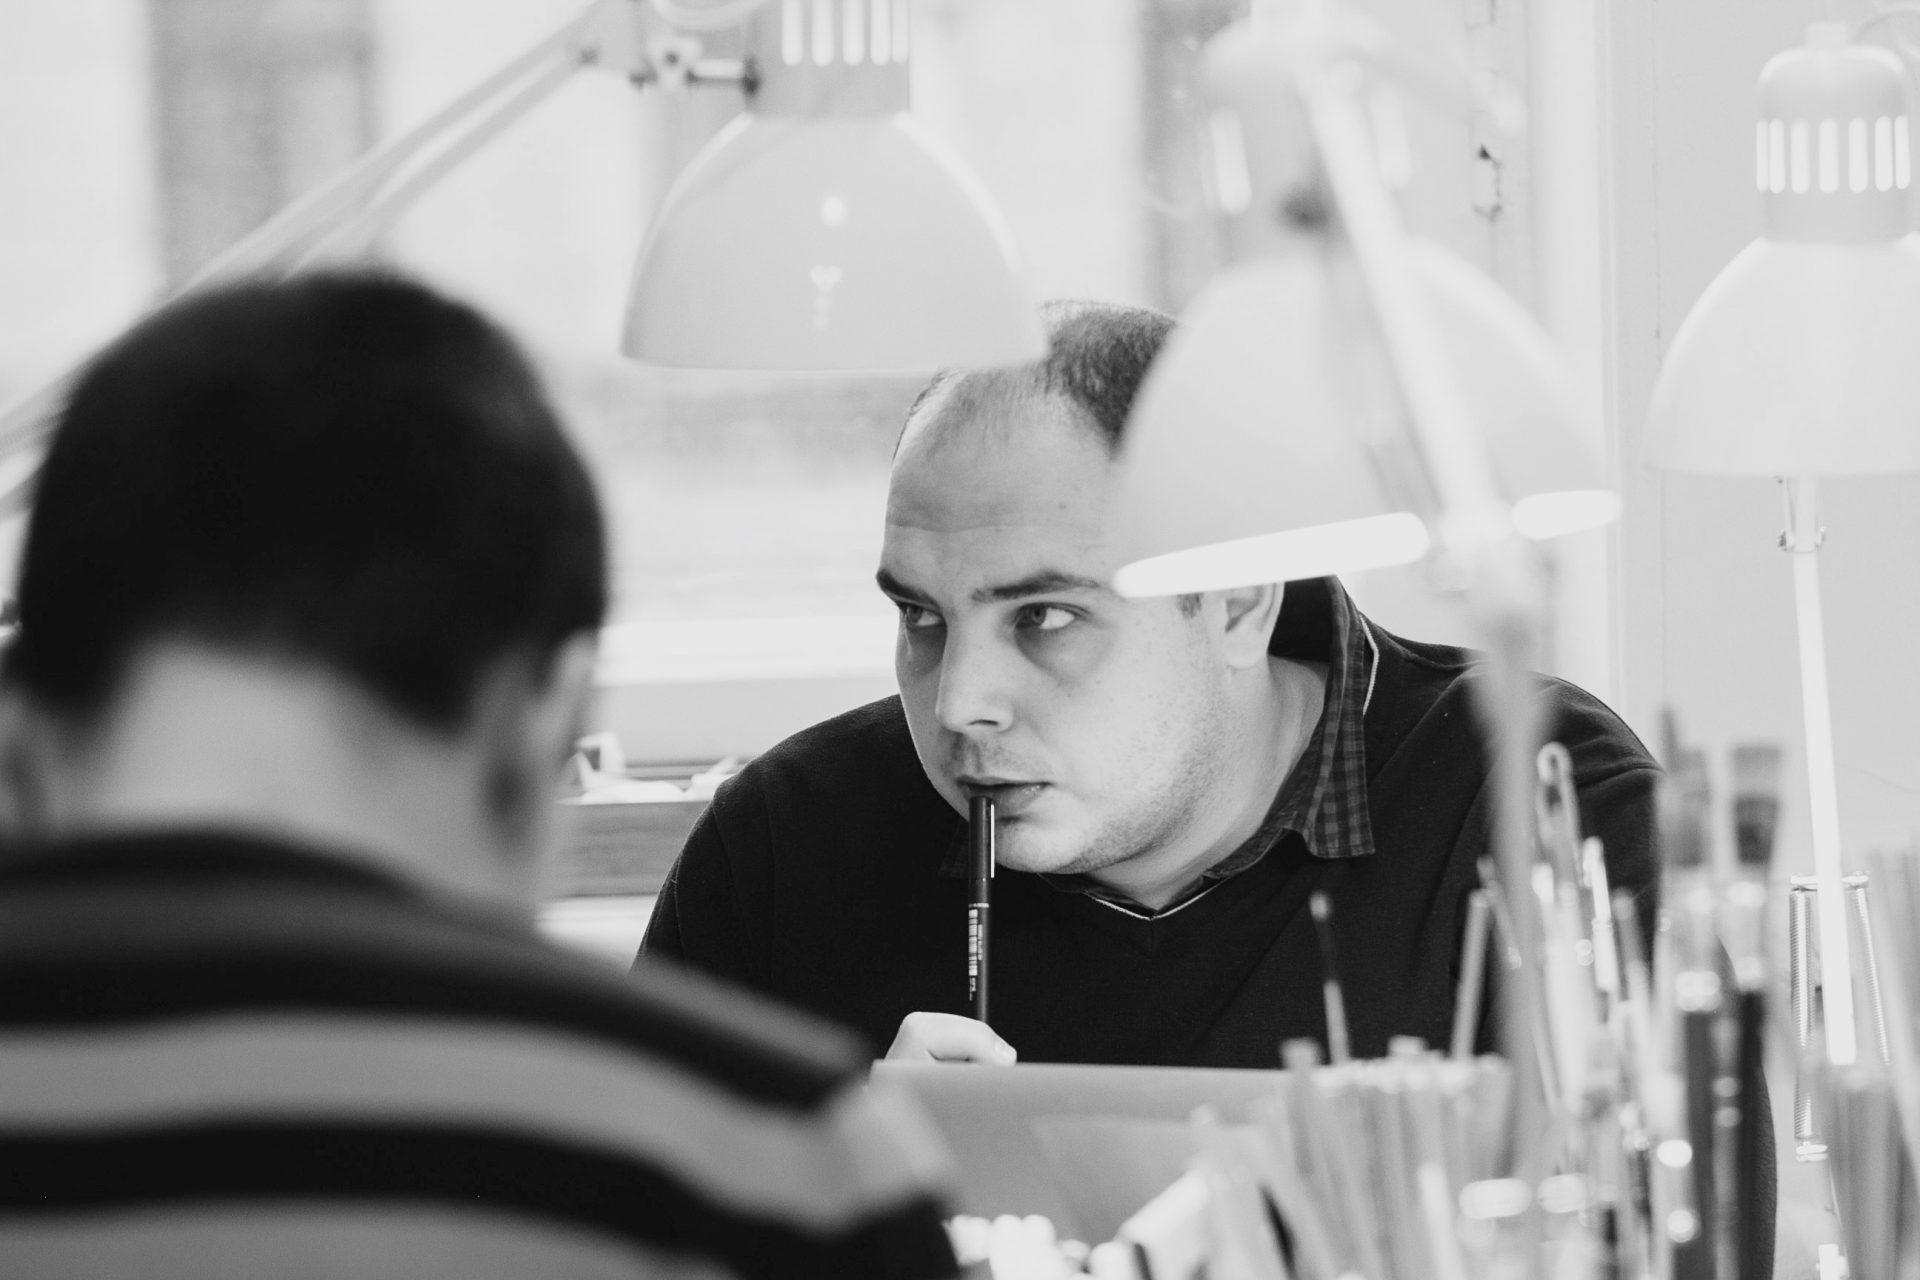 Центр на Невском: Илья в мастерской